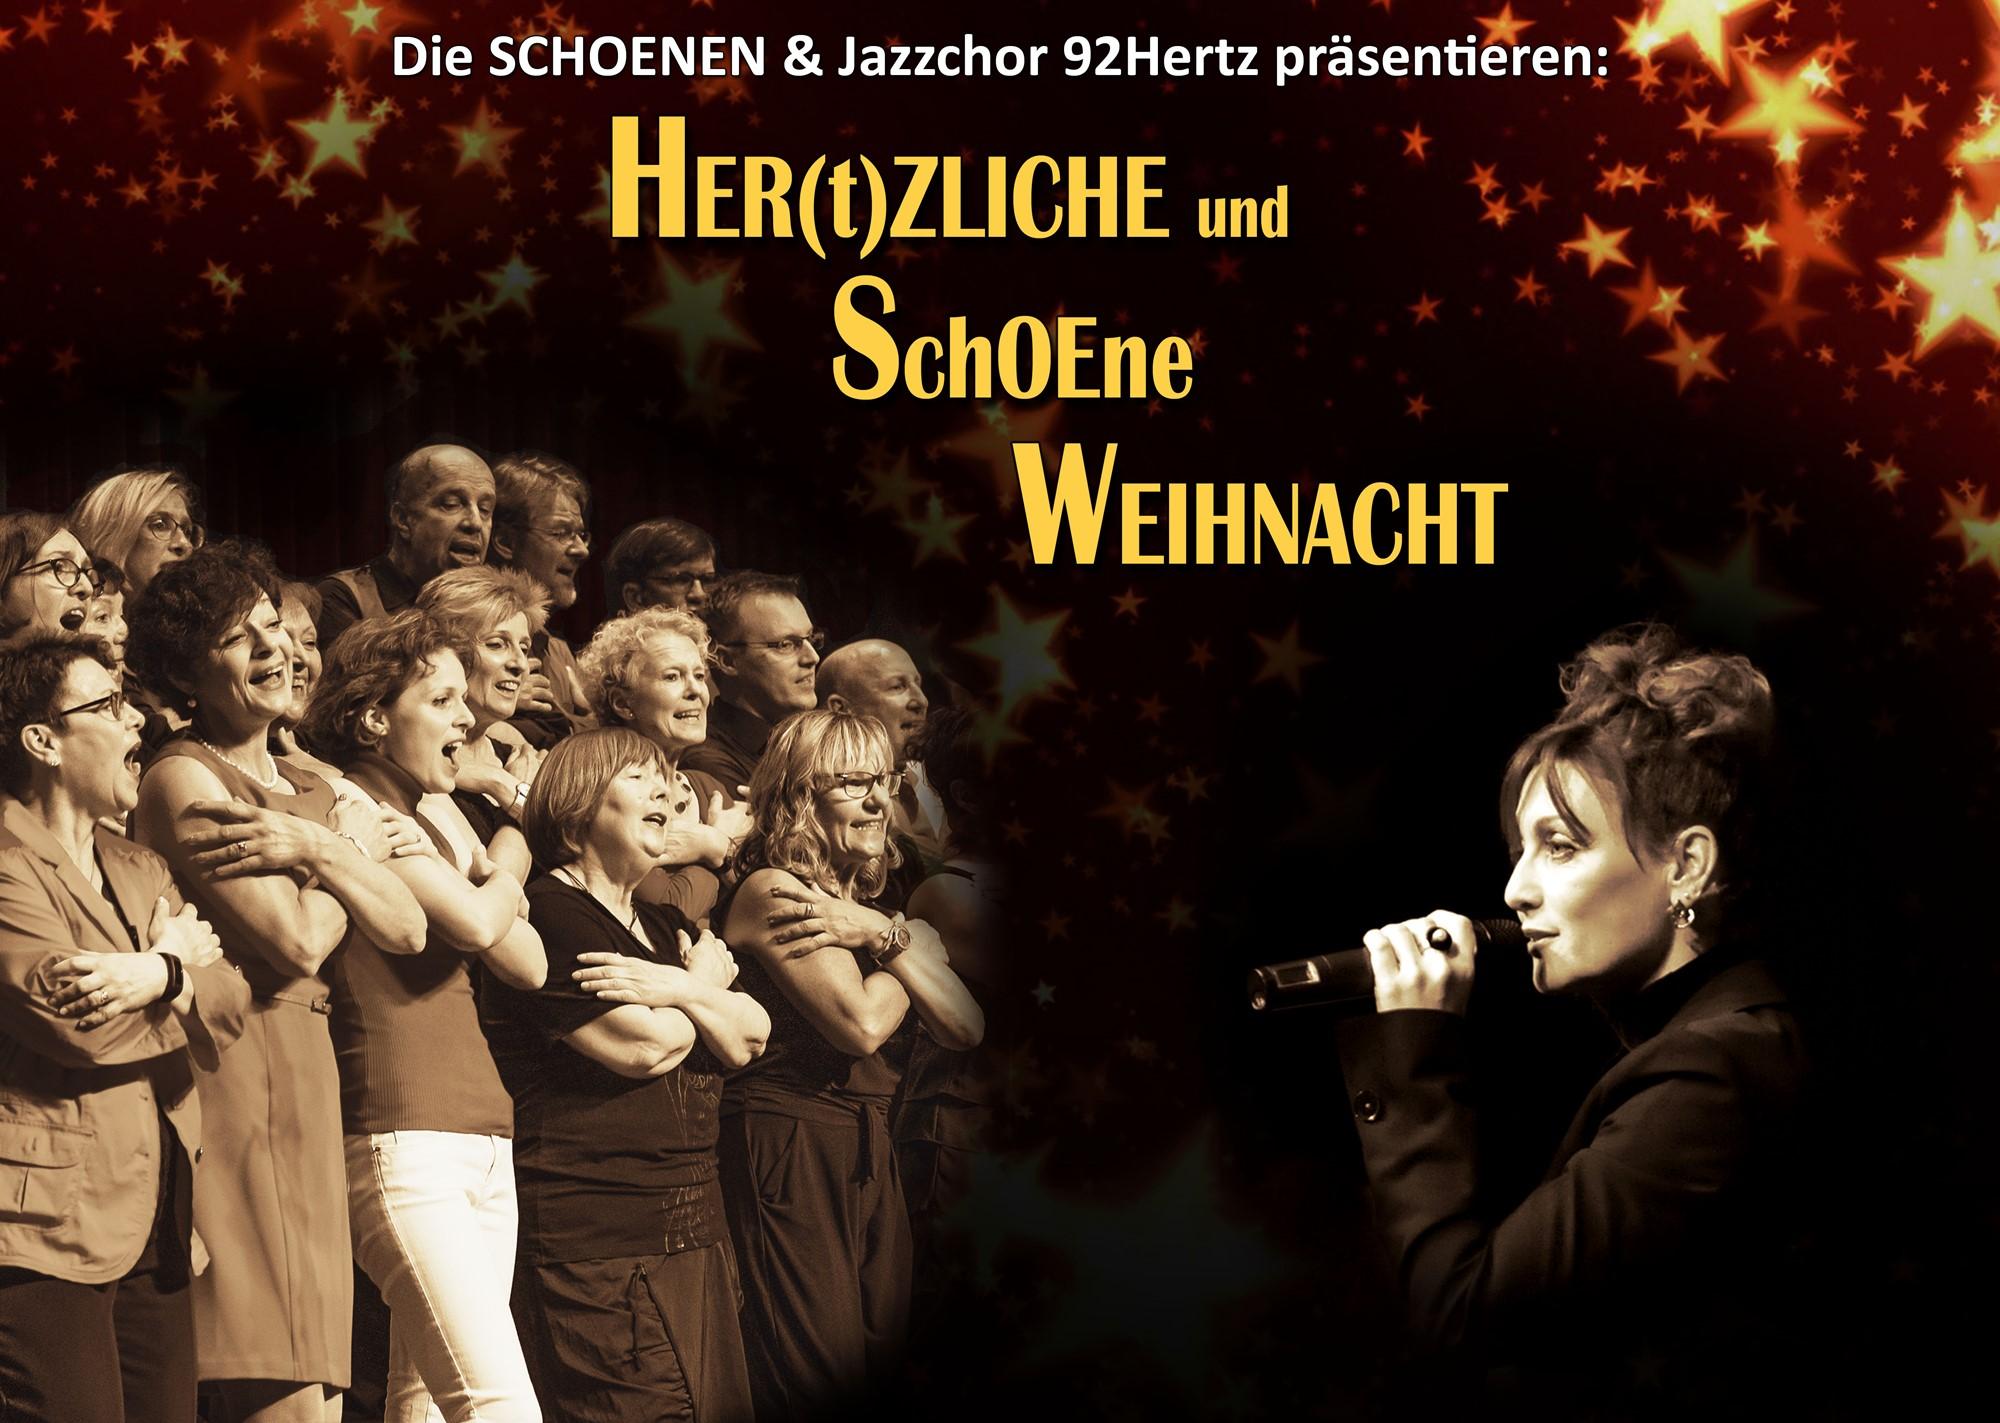 Die Schoenen + Jazzchor 92Hertz